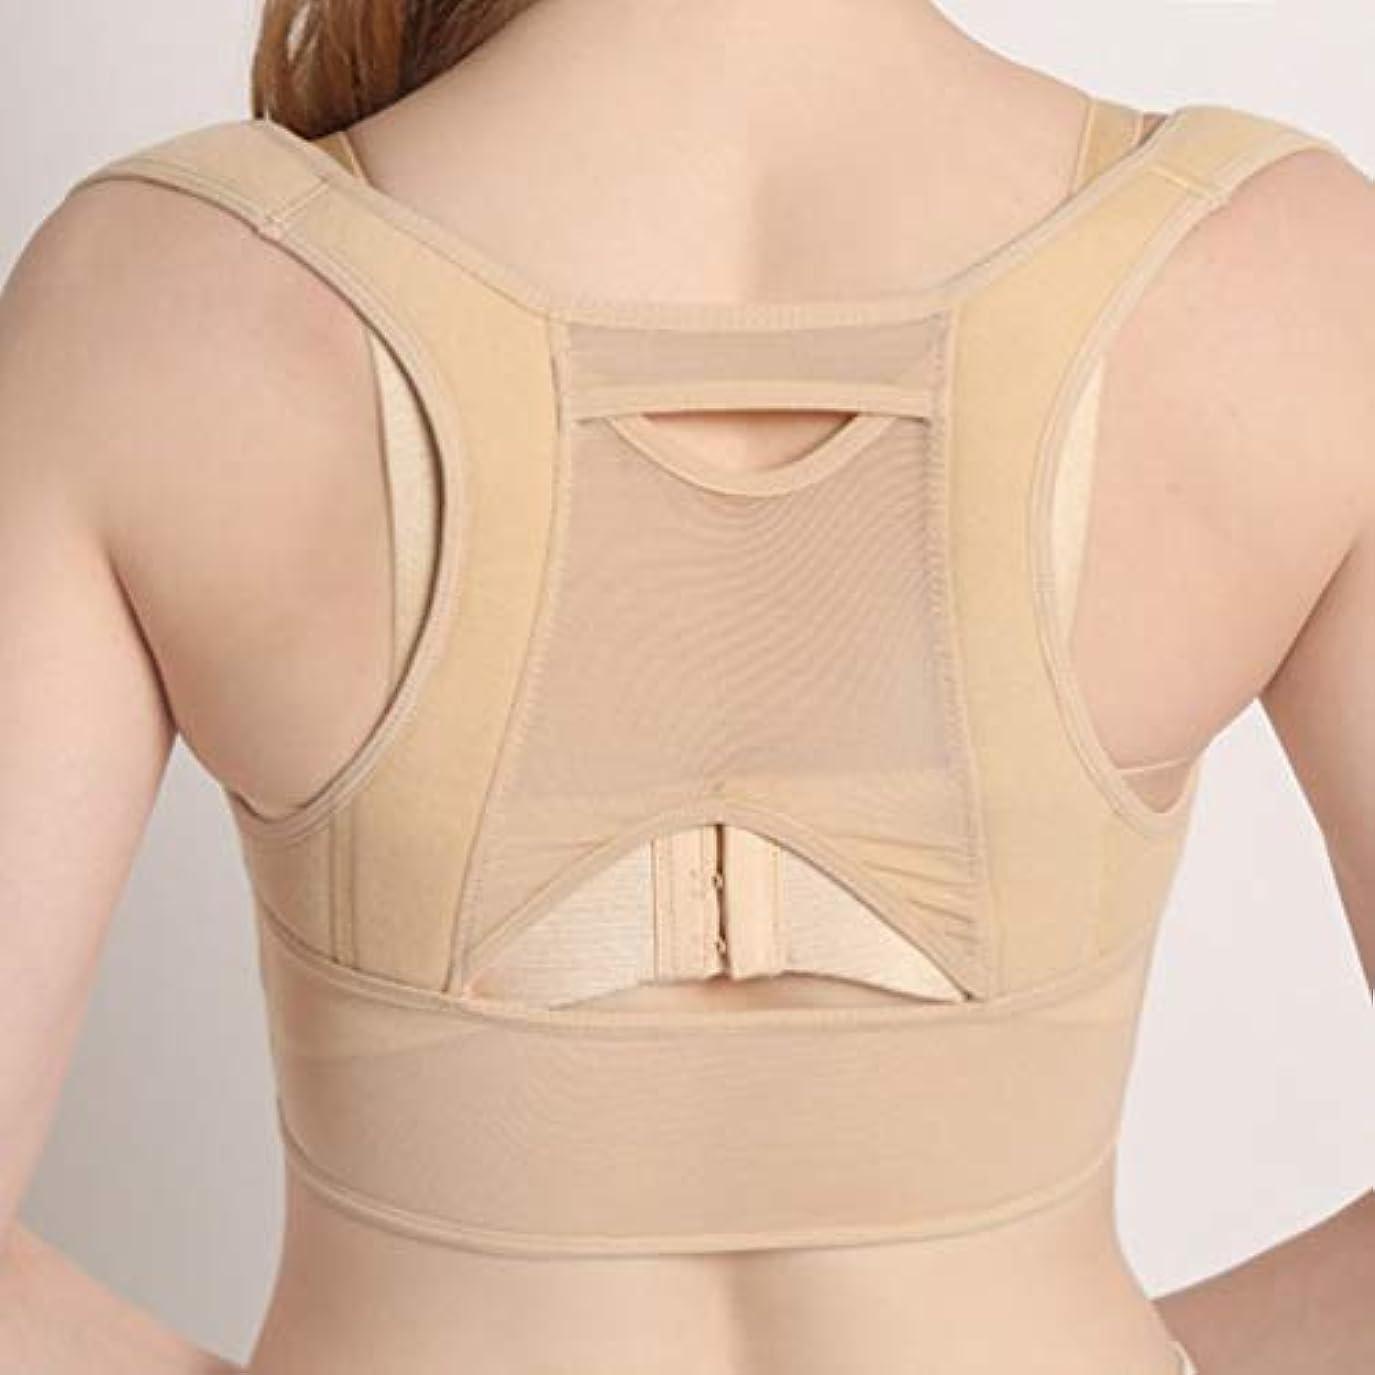 吐き出す挑発するスカウト通気性のある女性の背中の姿勢矯正コルセット整形外科の肩の背骨の姿勢矯正腰椎サポート - ベージュホワイトM